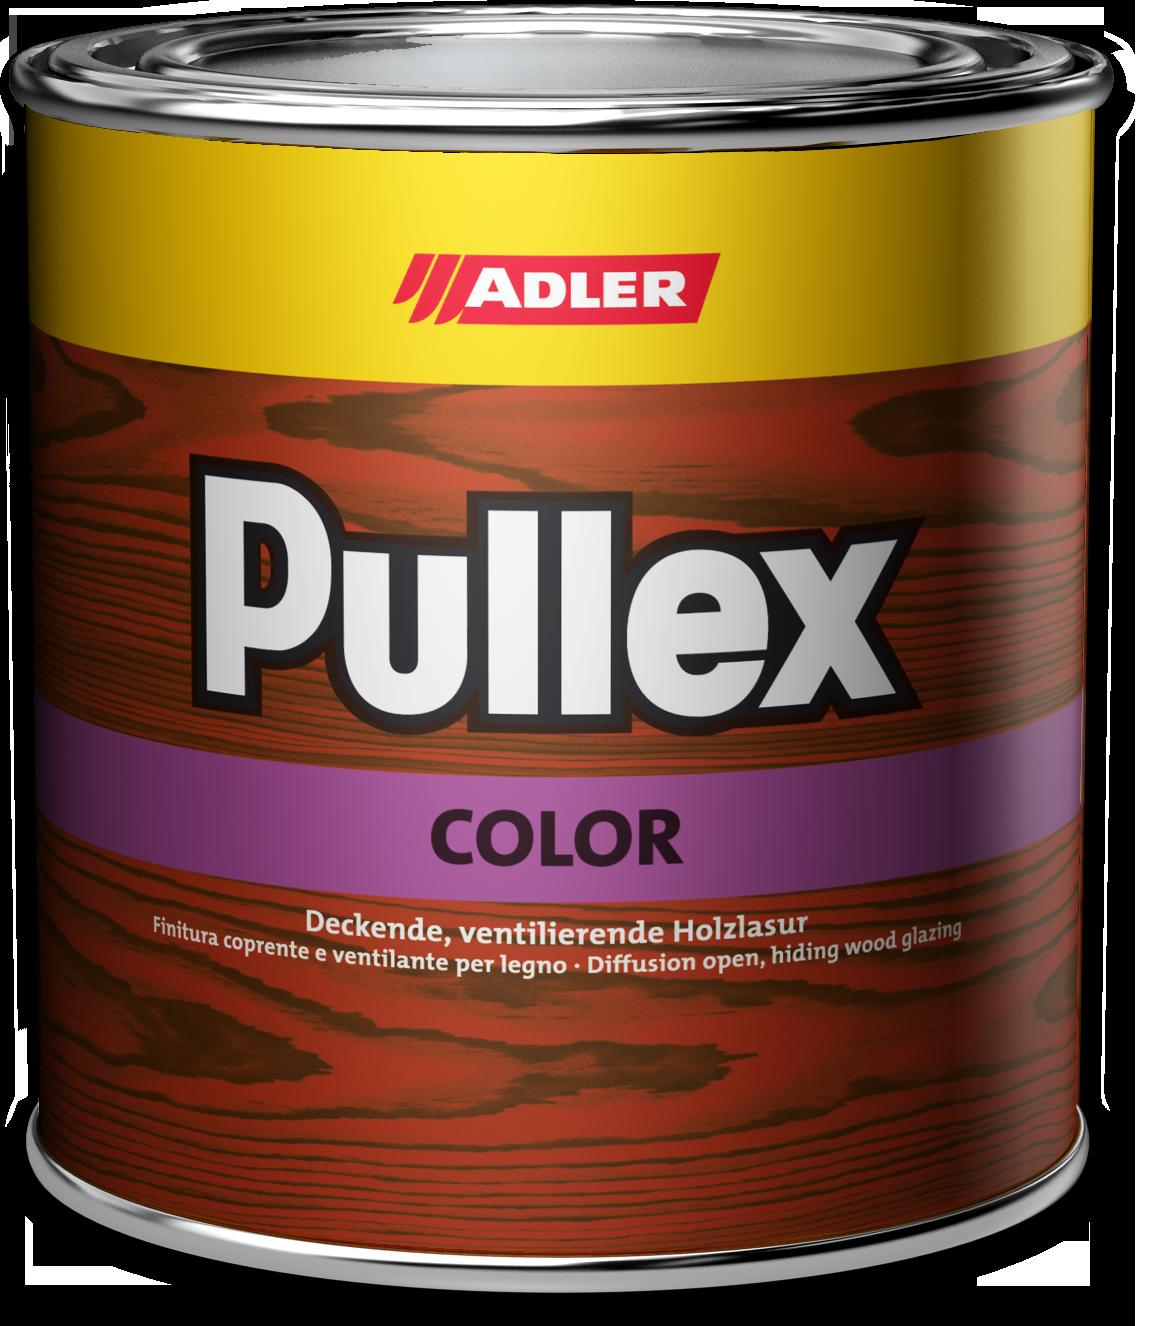 adler pullex color farben toyfl ihr farbspezialist in graz farben und lackvertrieb toyfl. Black Bedroom Furniture Sets. Home Design Ideas